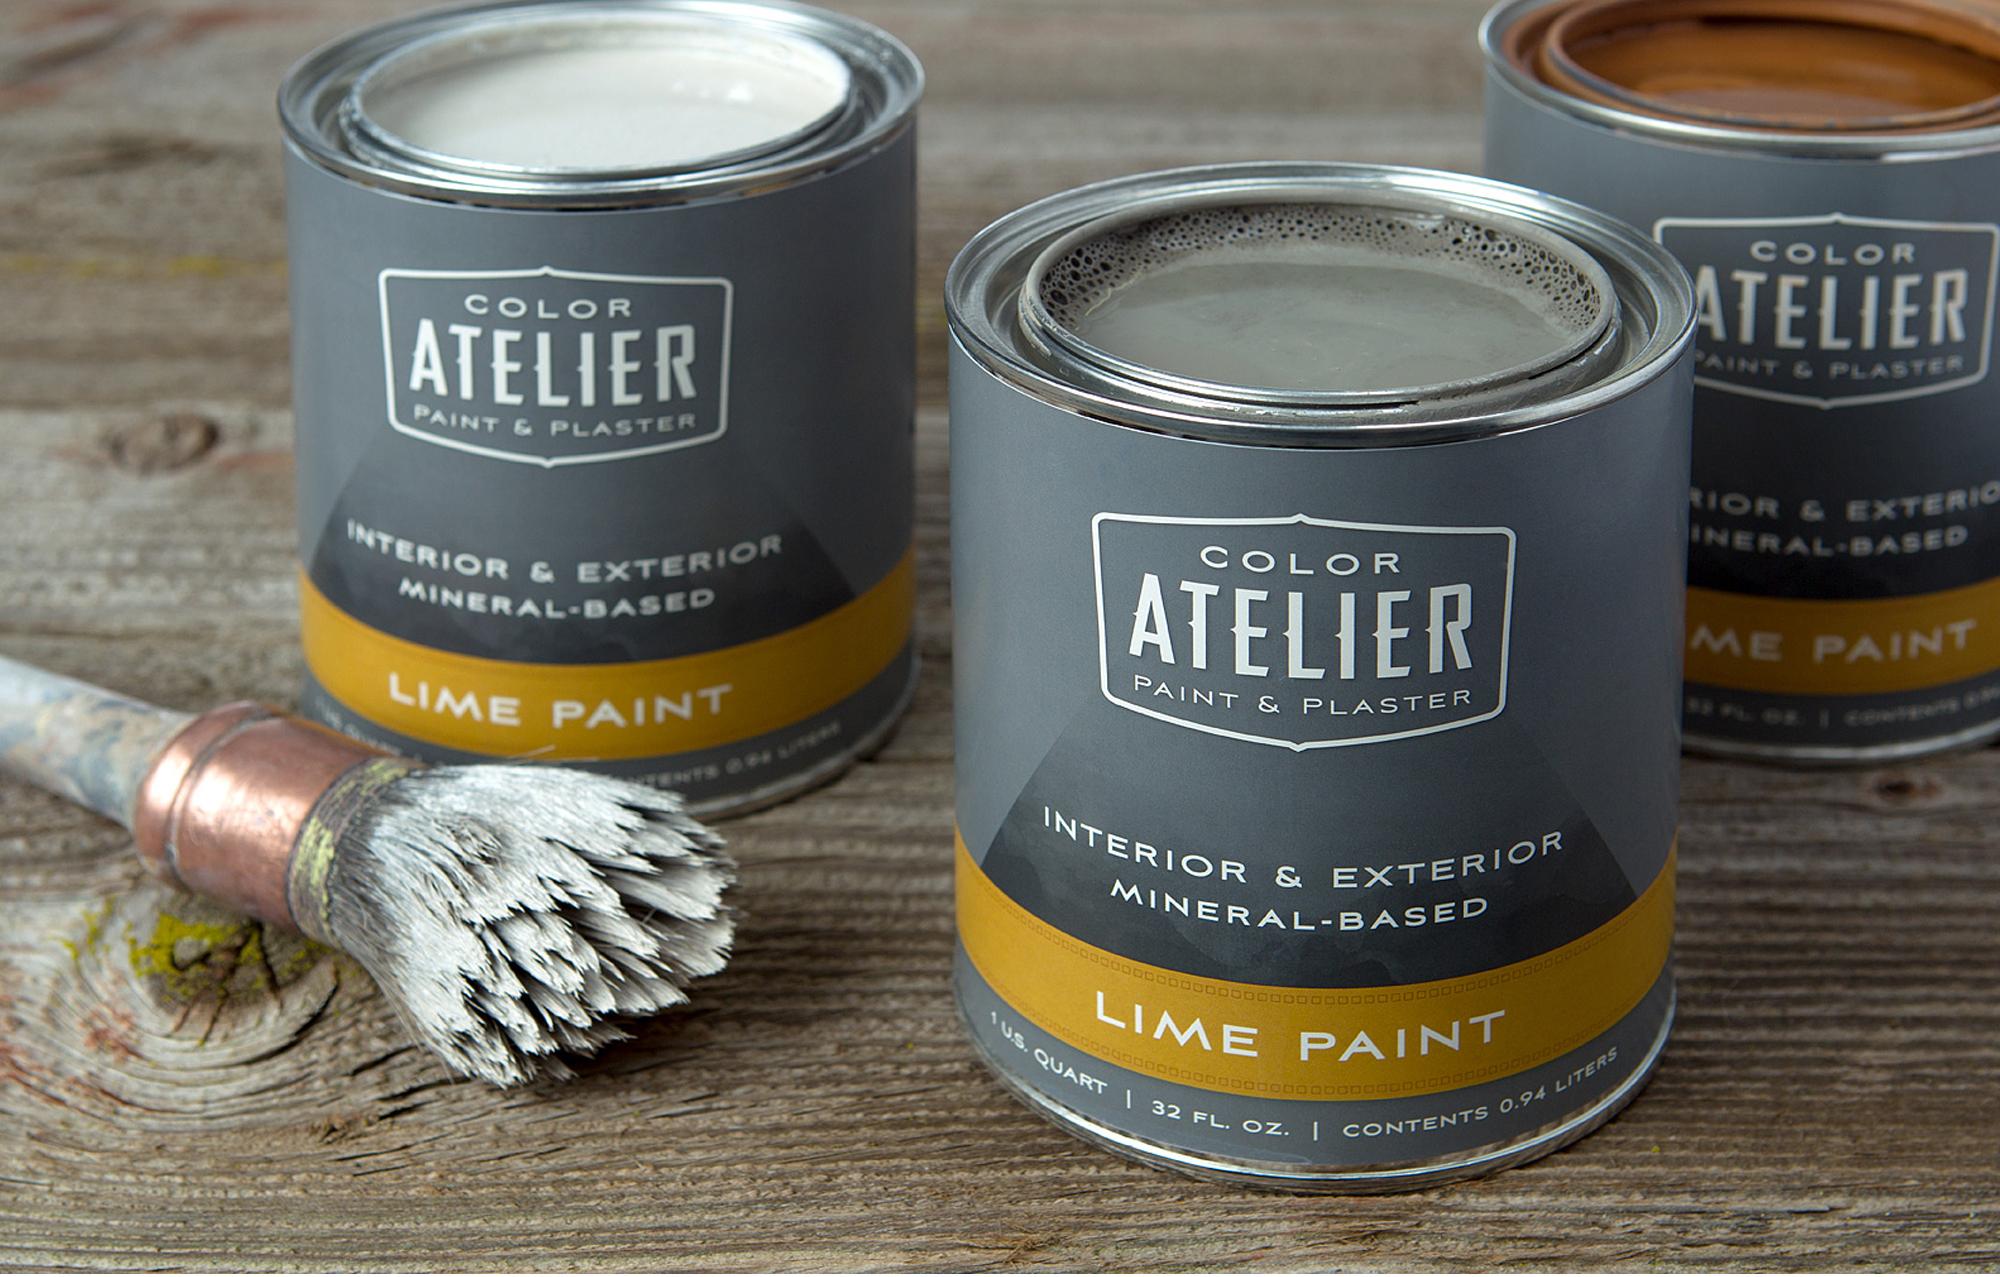 Color Atelier